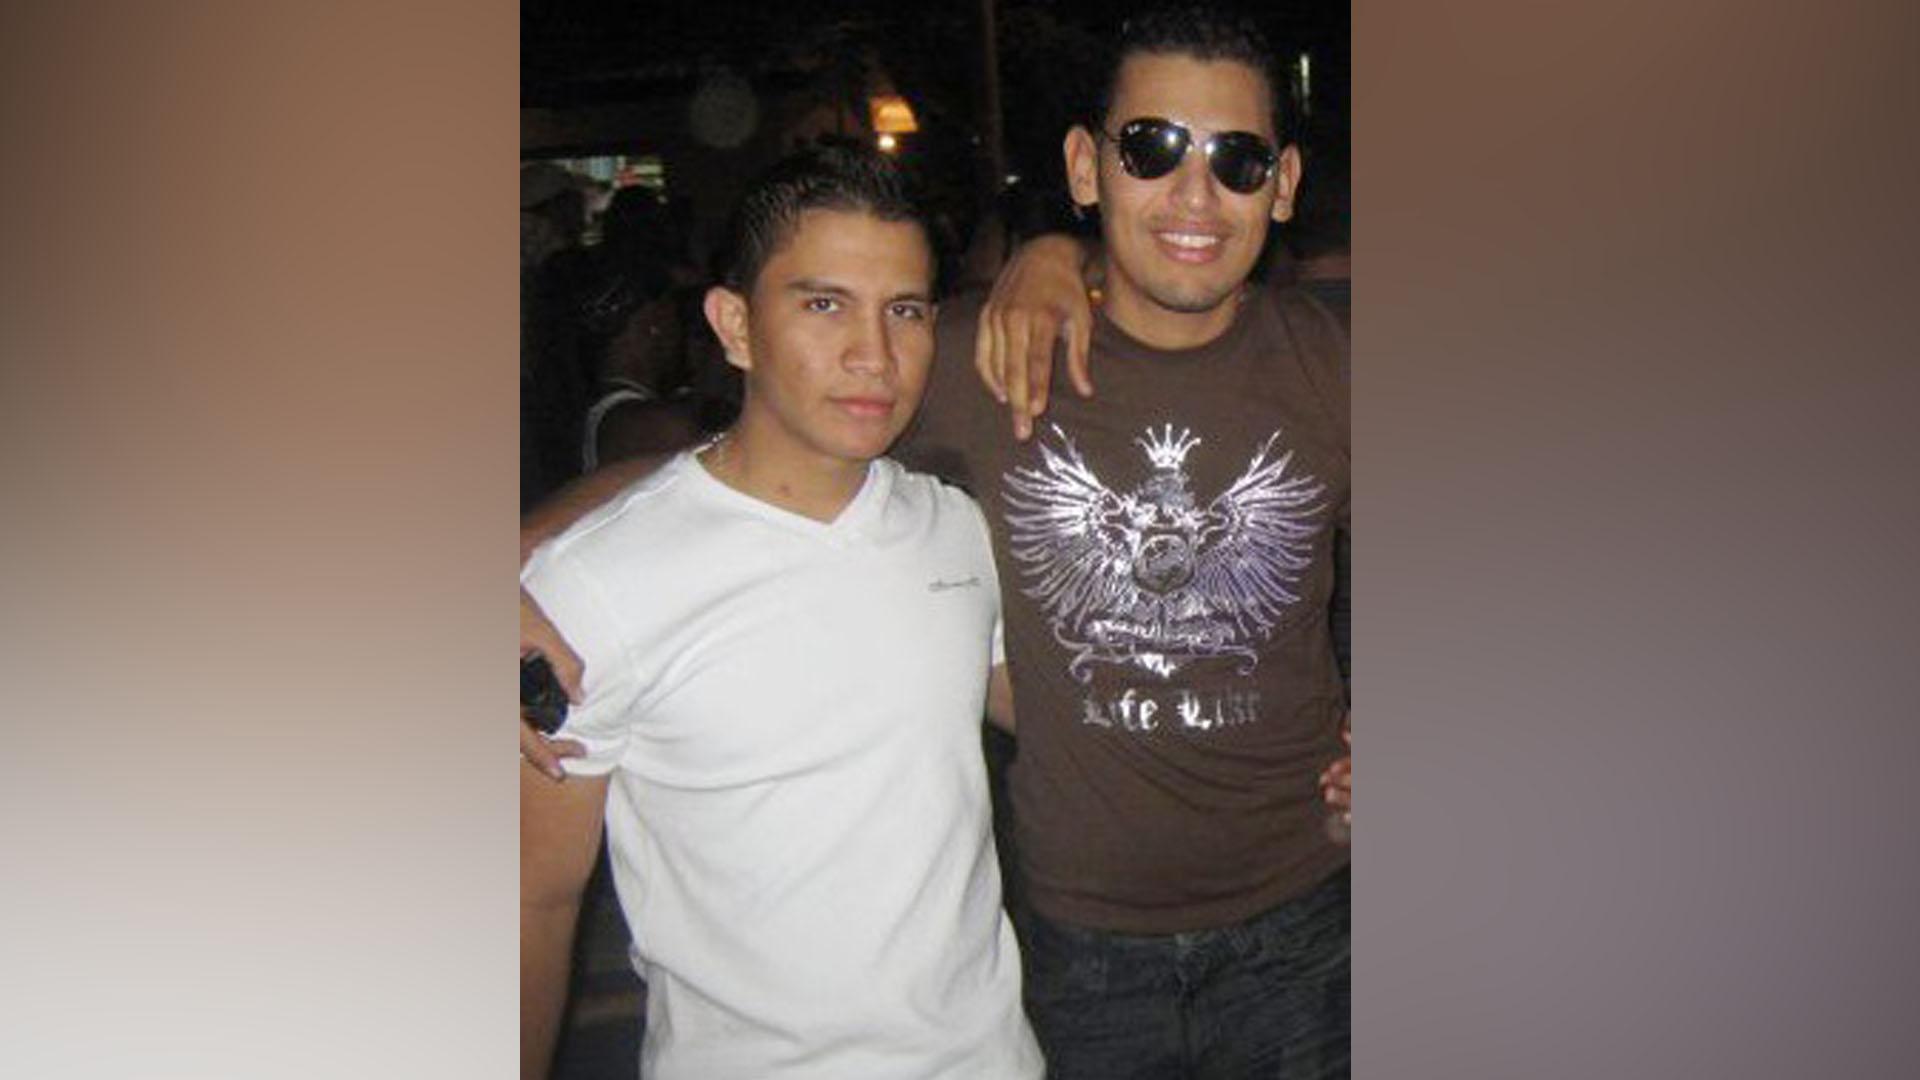 Carlos camargo Piedrahita y Jonathan Gutiérrez Castro en una foto que se tomaron en febrero de 2009. Cortesía